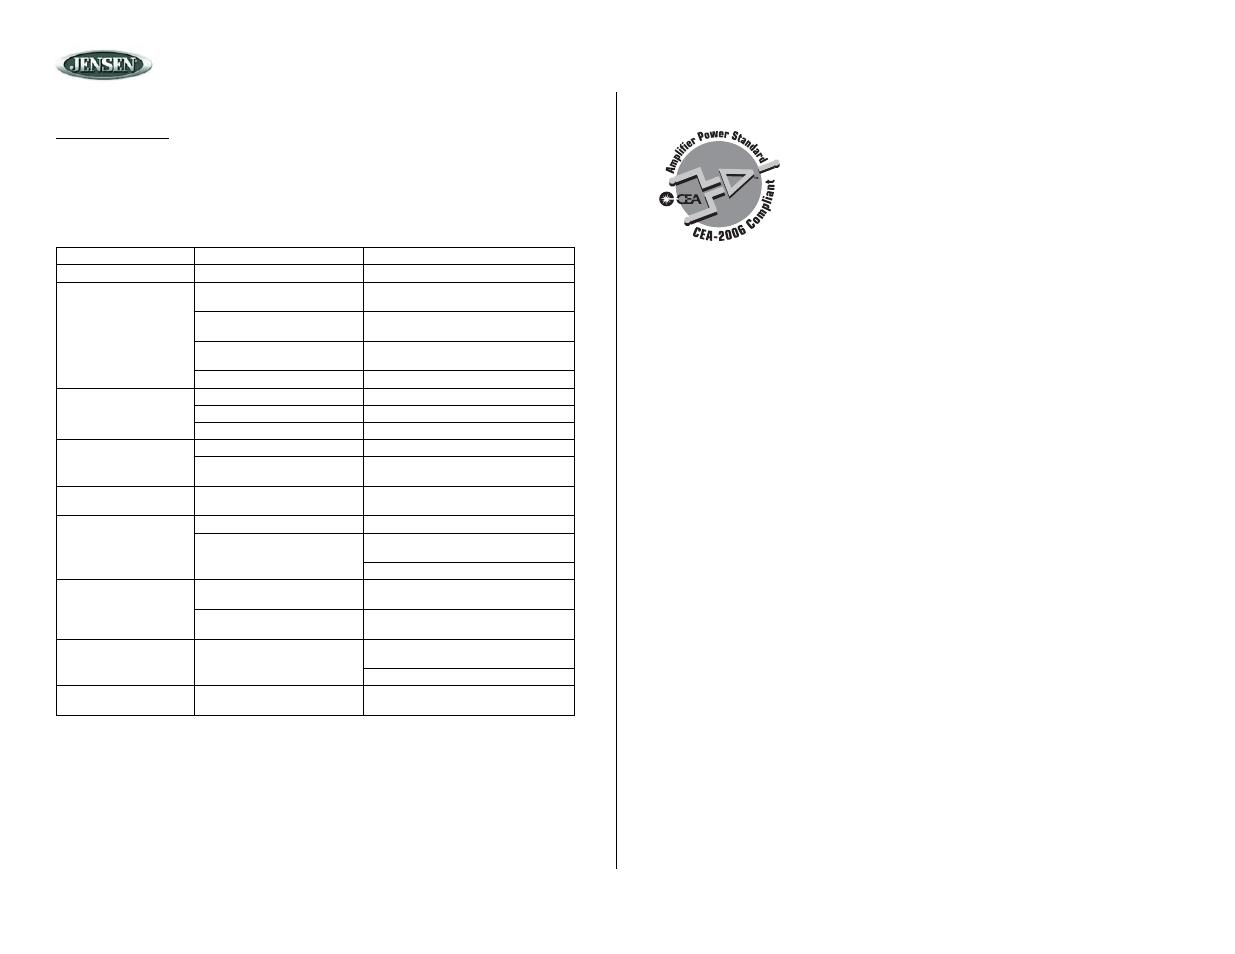 hight resolution of jensen vm9510 wiring diagram schematics